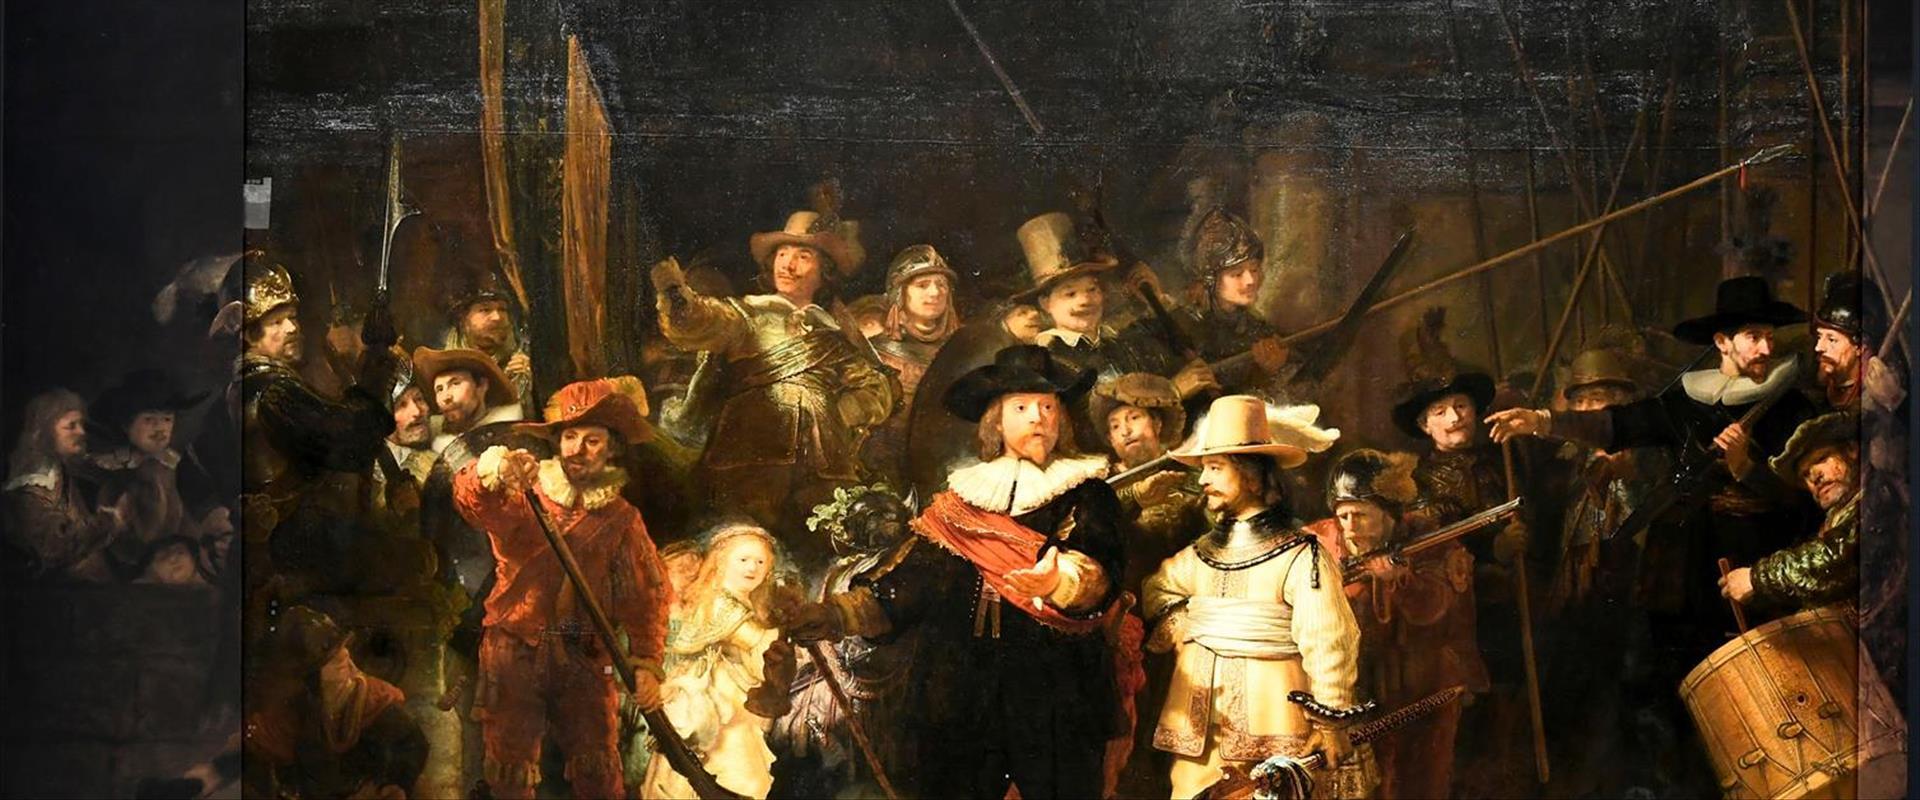 """""""משמר הלילה"""" המשוחזר במוזיאון הלאומי של הולנד, היו"""